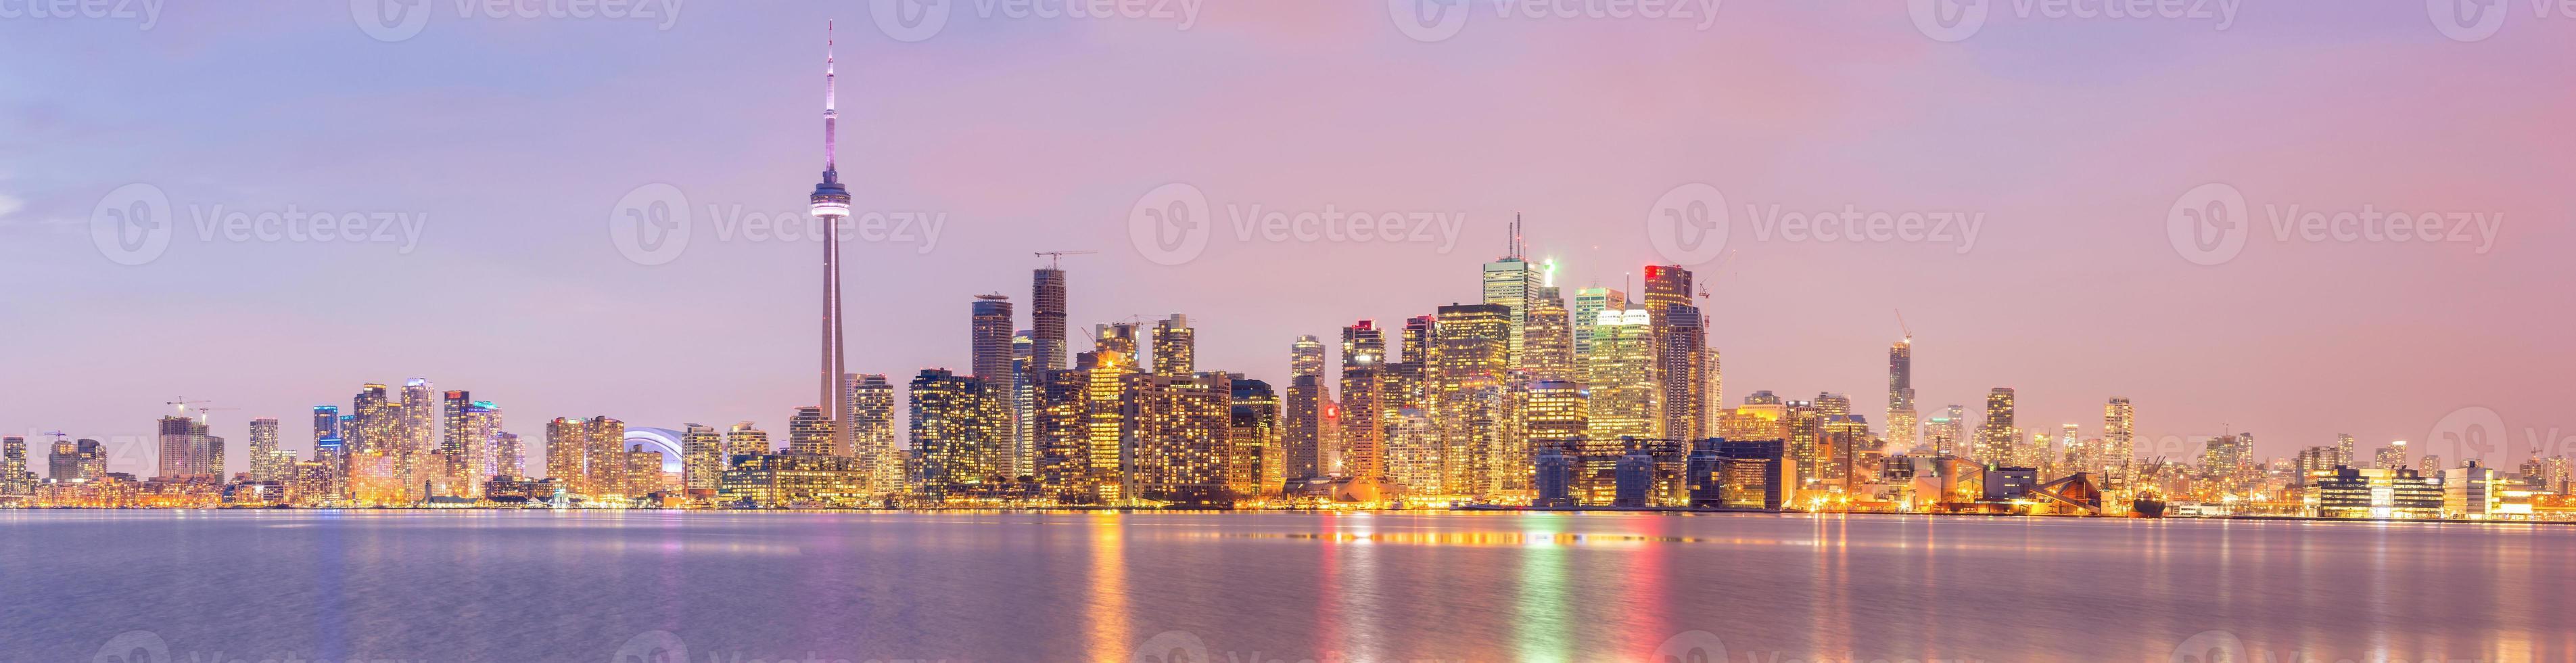 Panorama der Skyline von Toronto foto